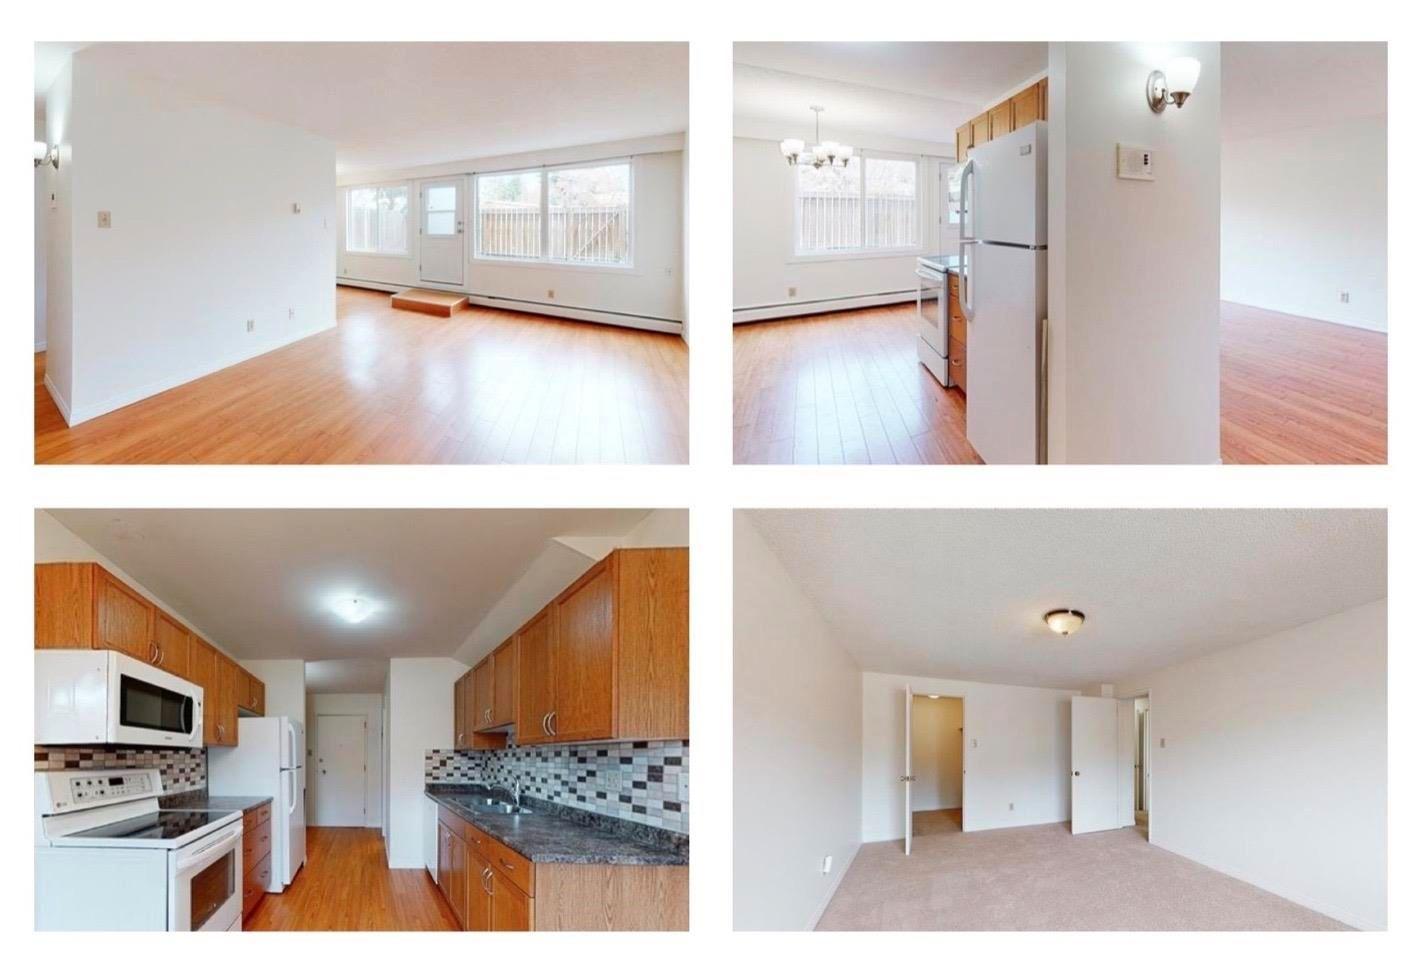 Main Photo: 109 7835 159 Street in Edmonton: Zone 22 Condo for sale : MLS®# E4251448